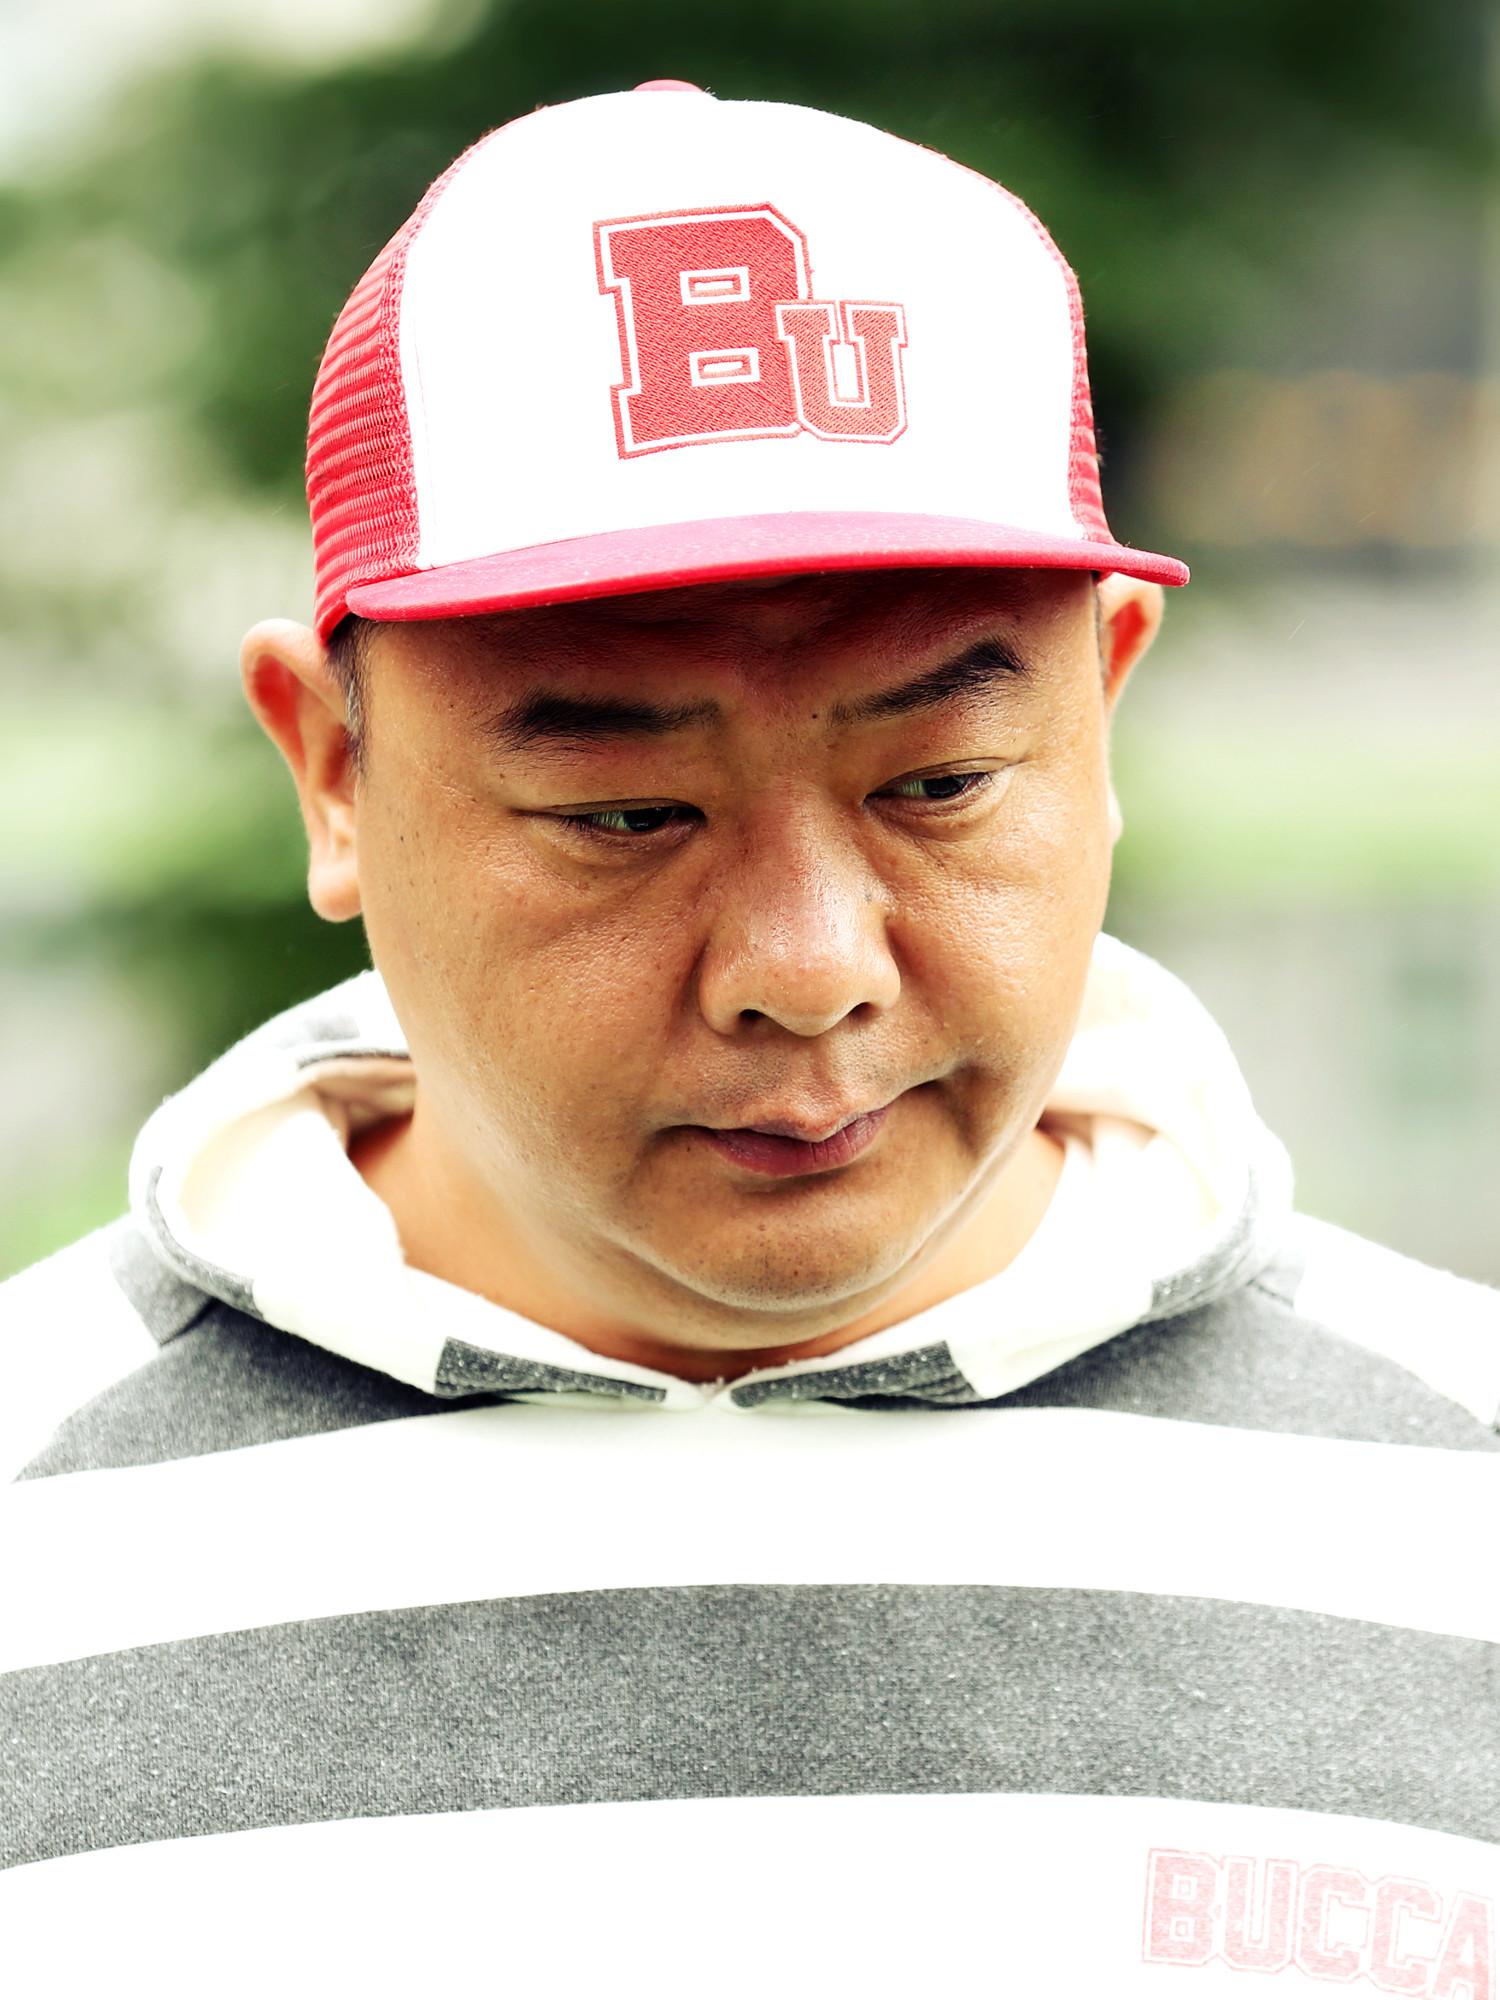 【BUCCA44】ロゴ刺繍CAP